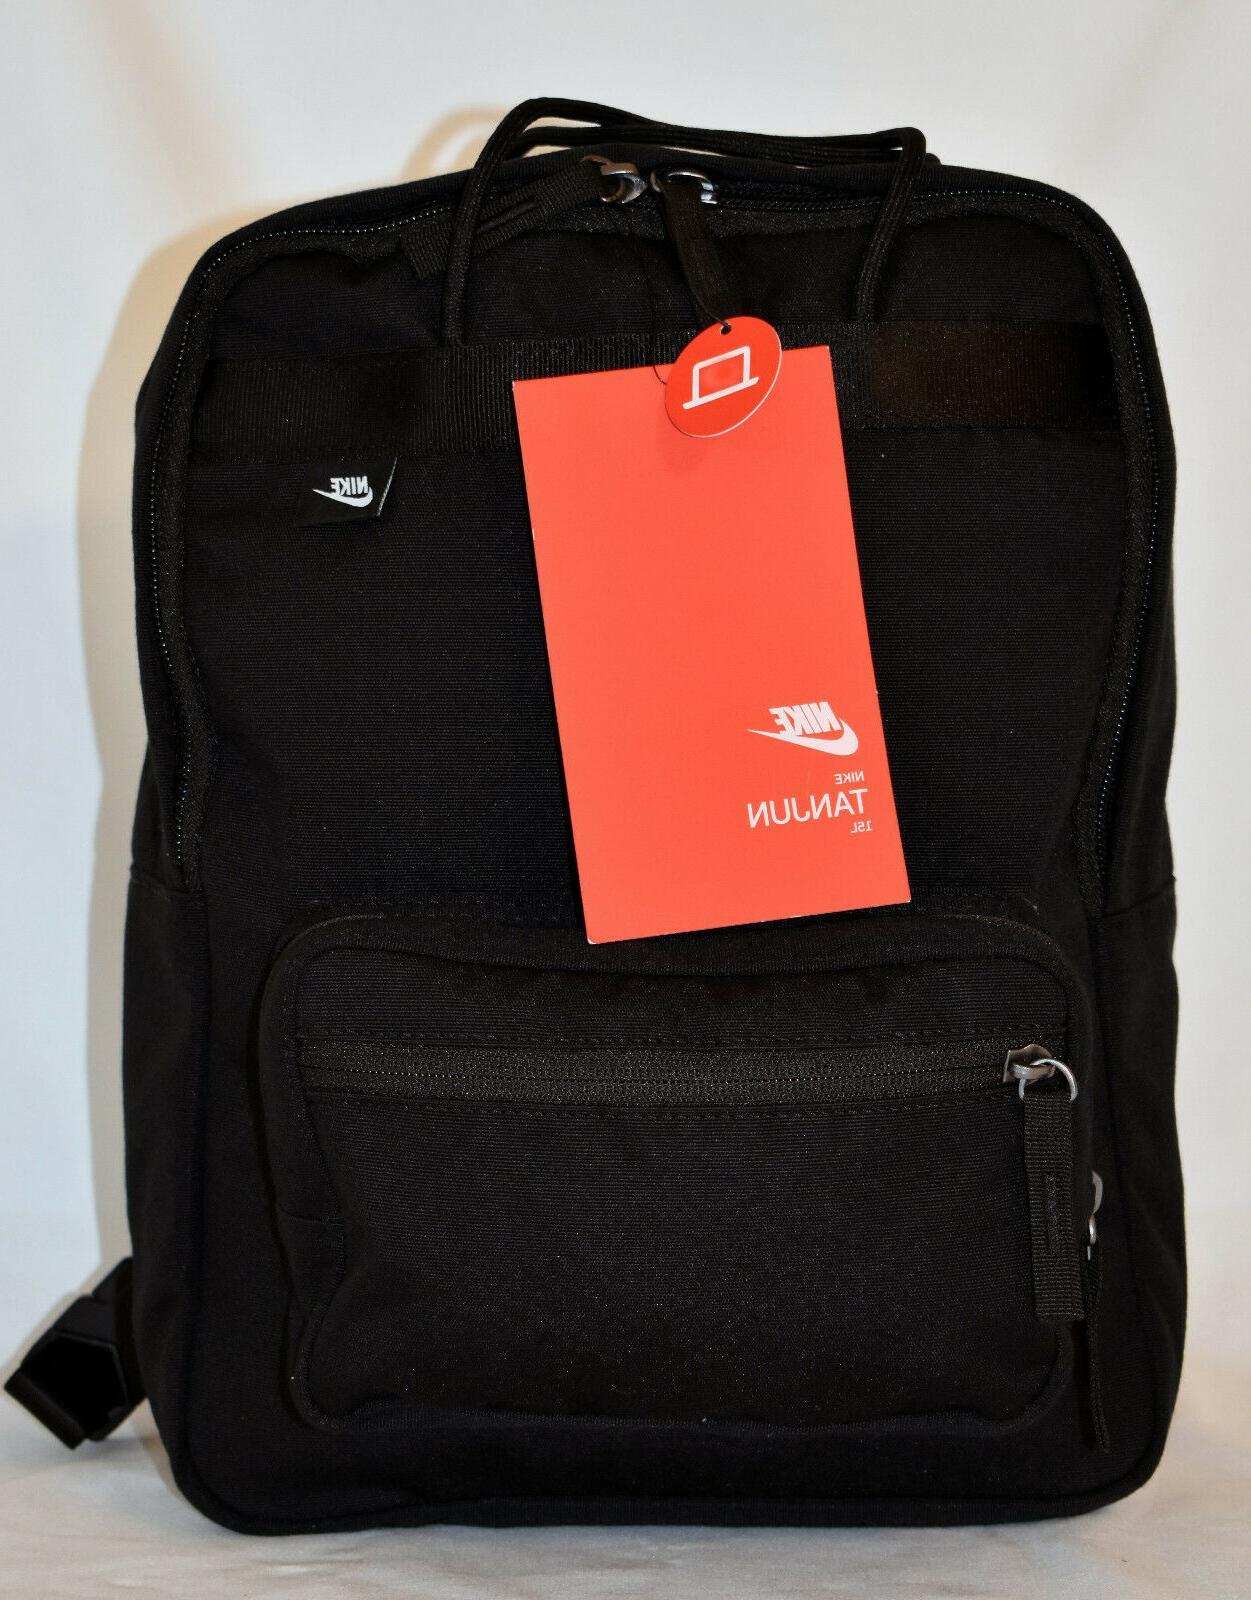 New Tanjun Laptop Backpack